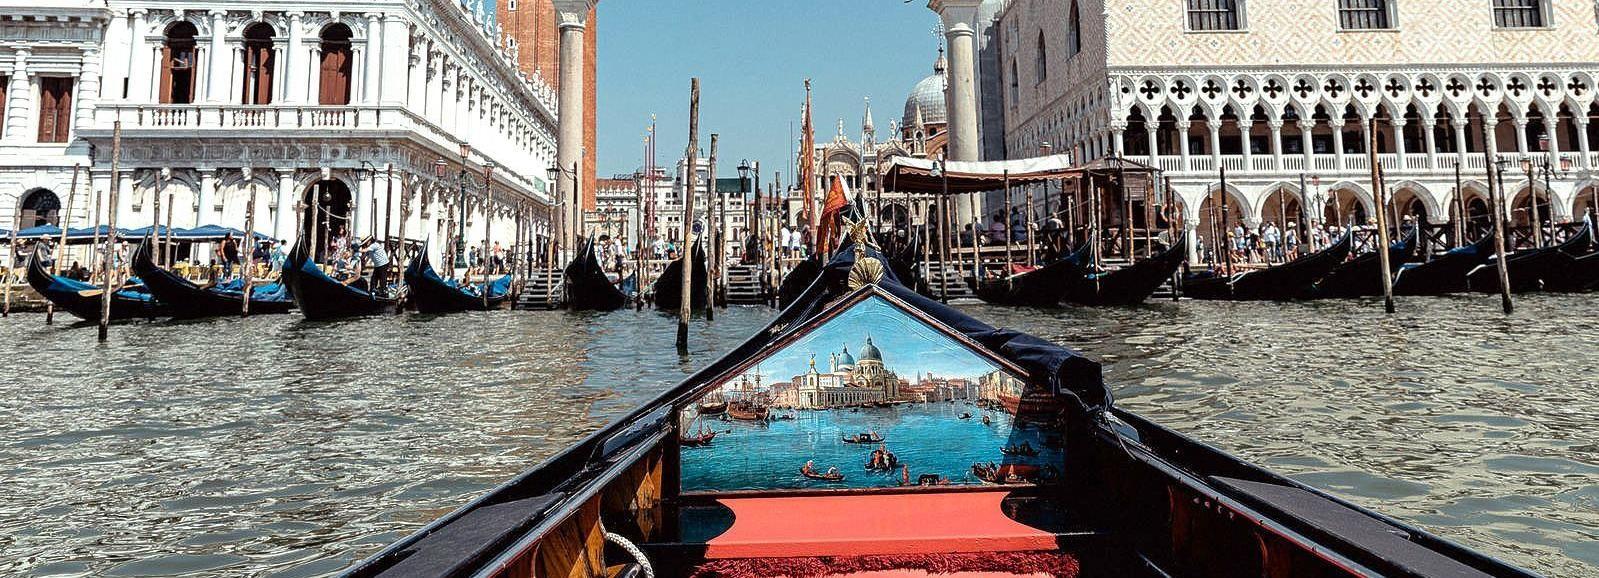 Venice: Shared Gondola Ride in St. Mark's Area